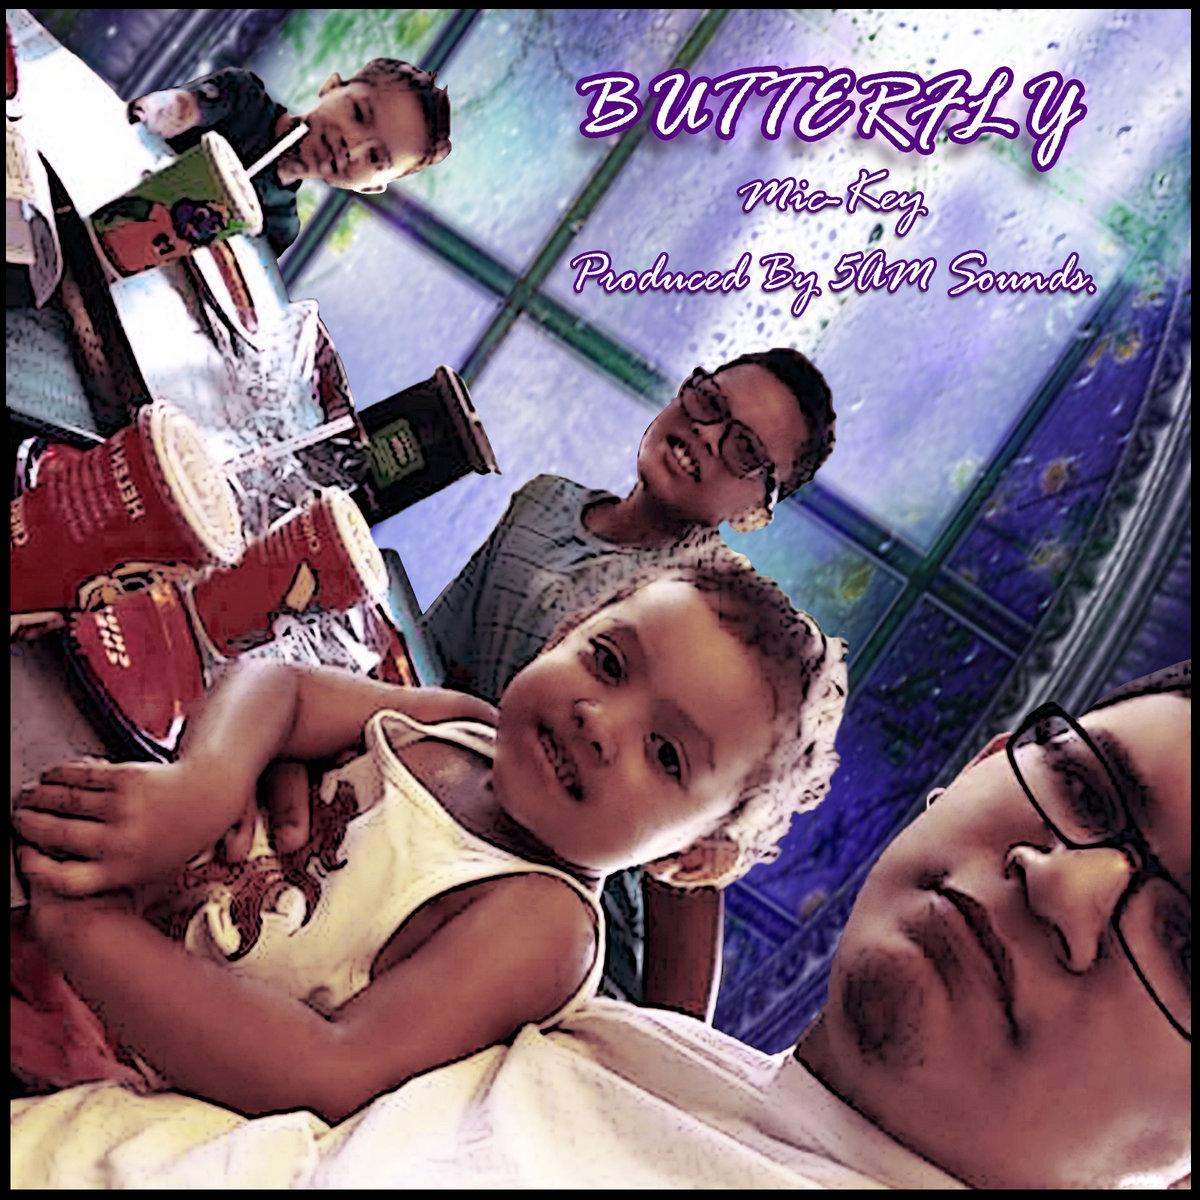 Buttefly by Mic-Key & 5am Sounds